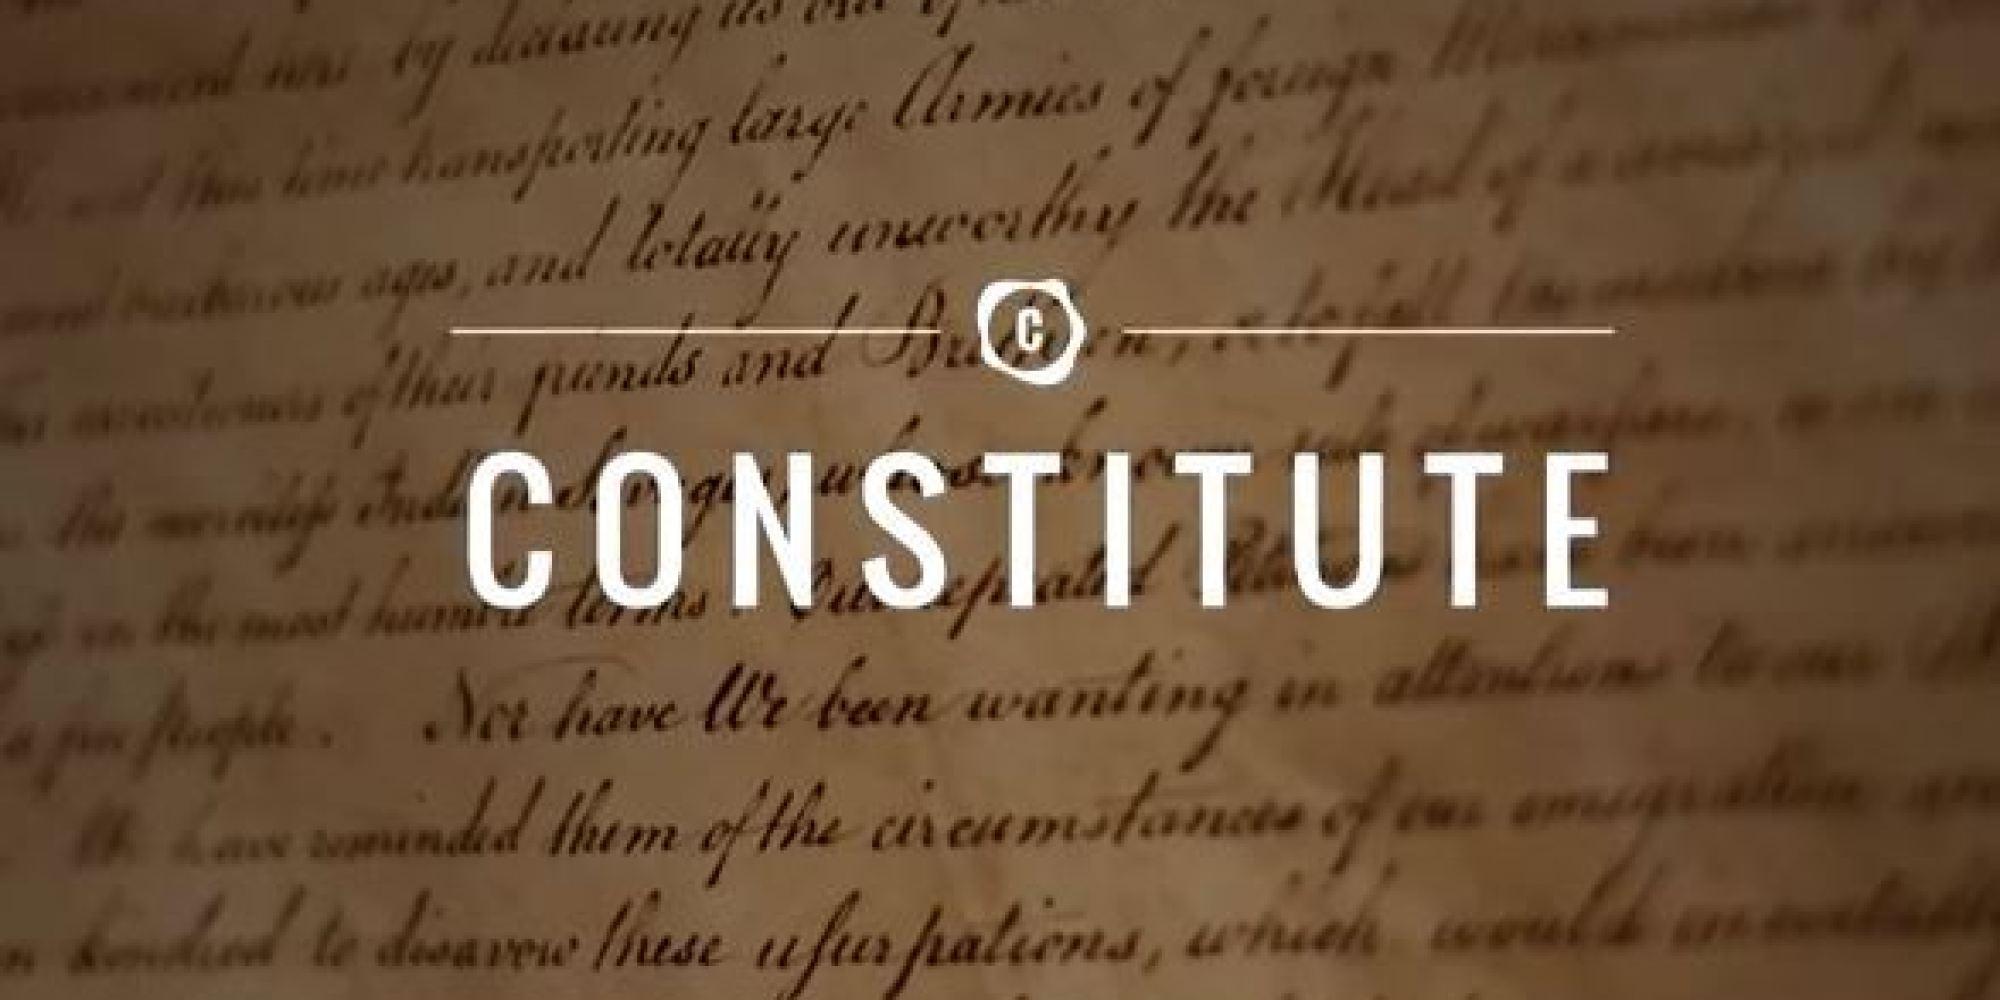 Почему в одних странах конституции писаные а в других неписаные